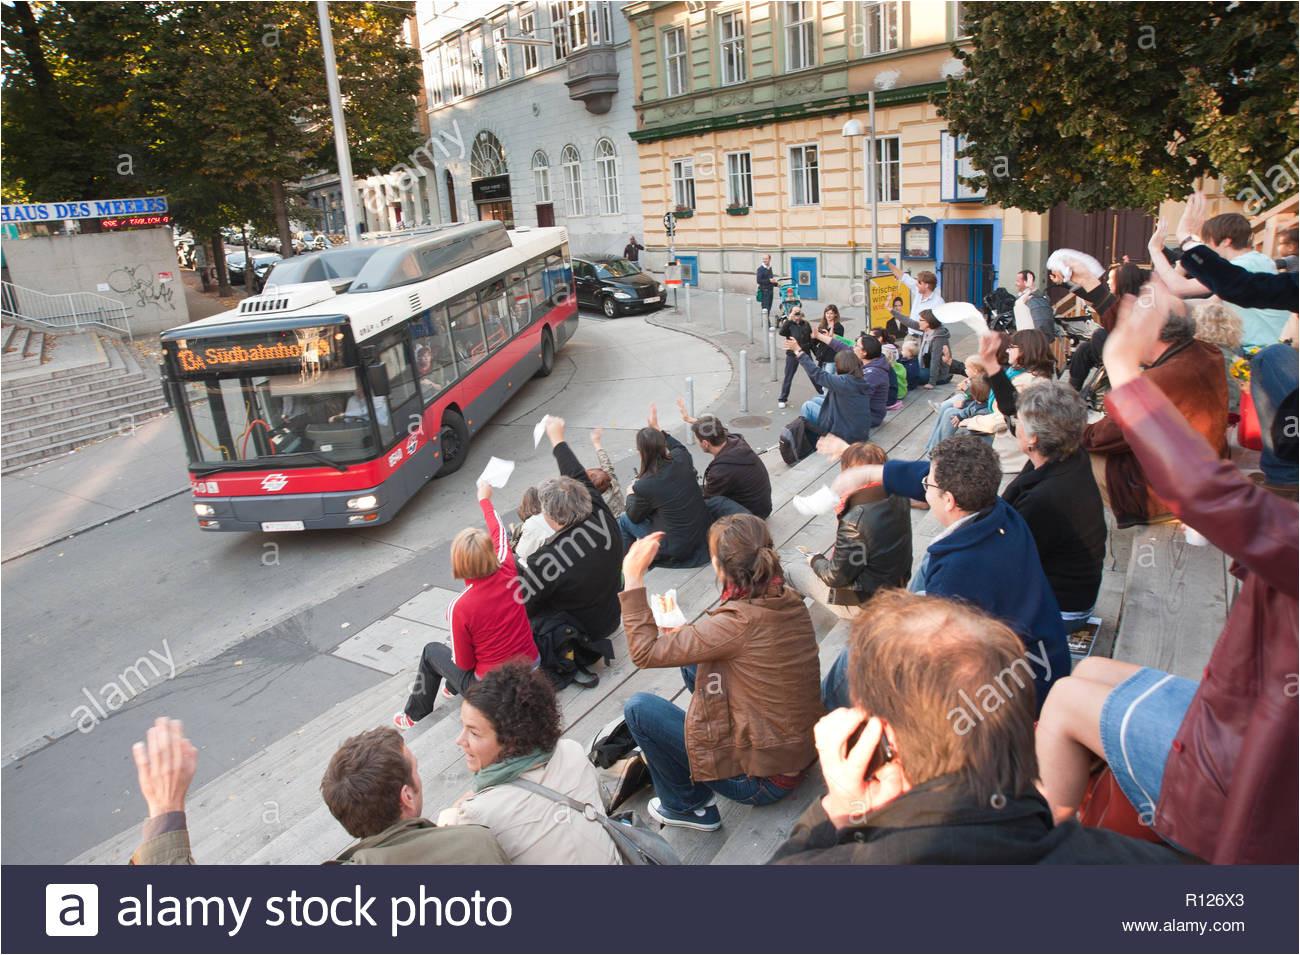 wien flashmob buswinken auf der revue tribune beim esterhazypark stockbild